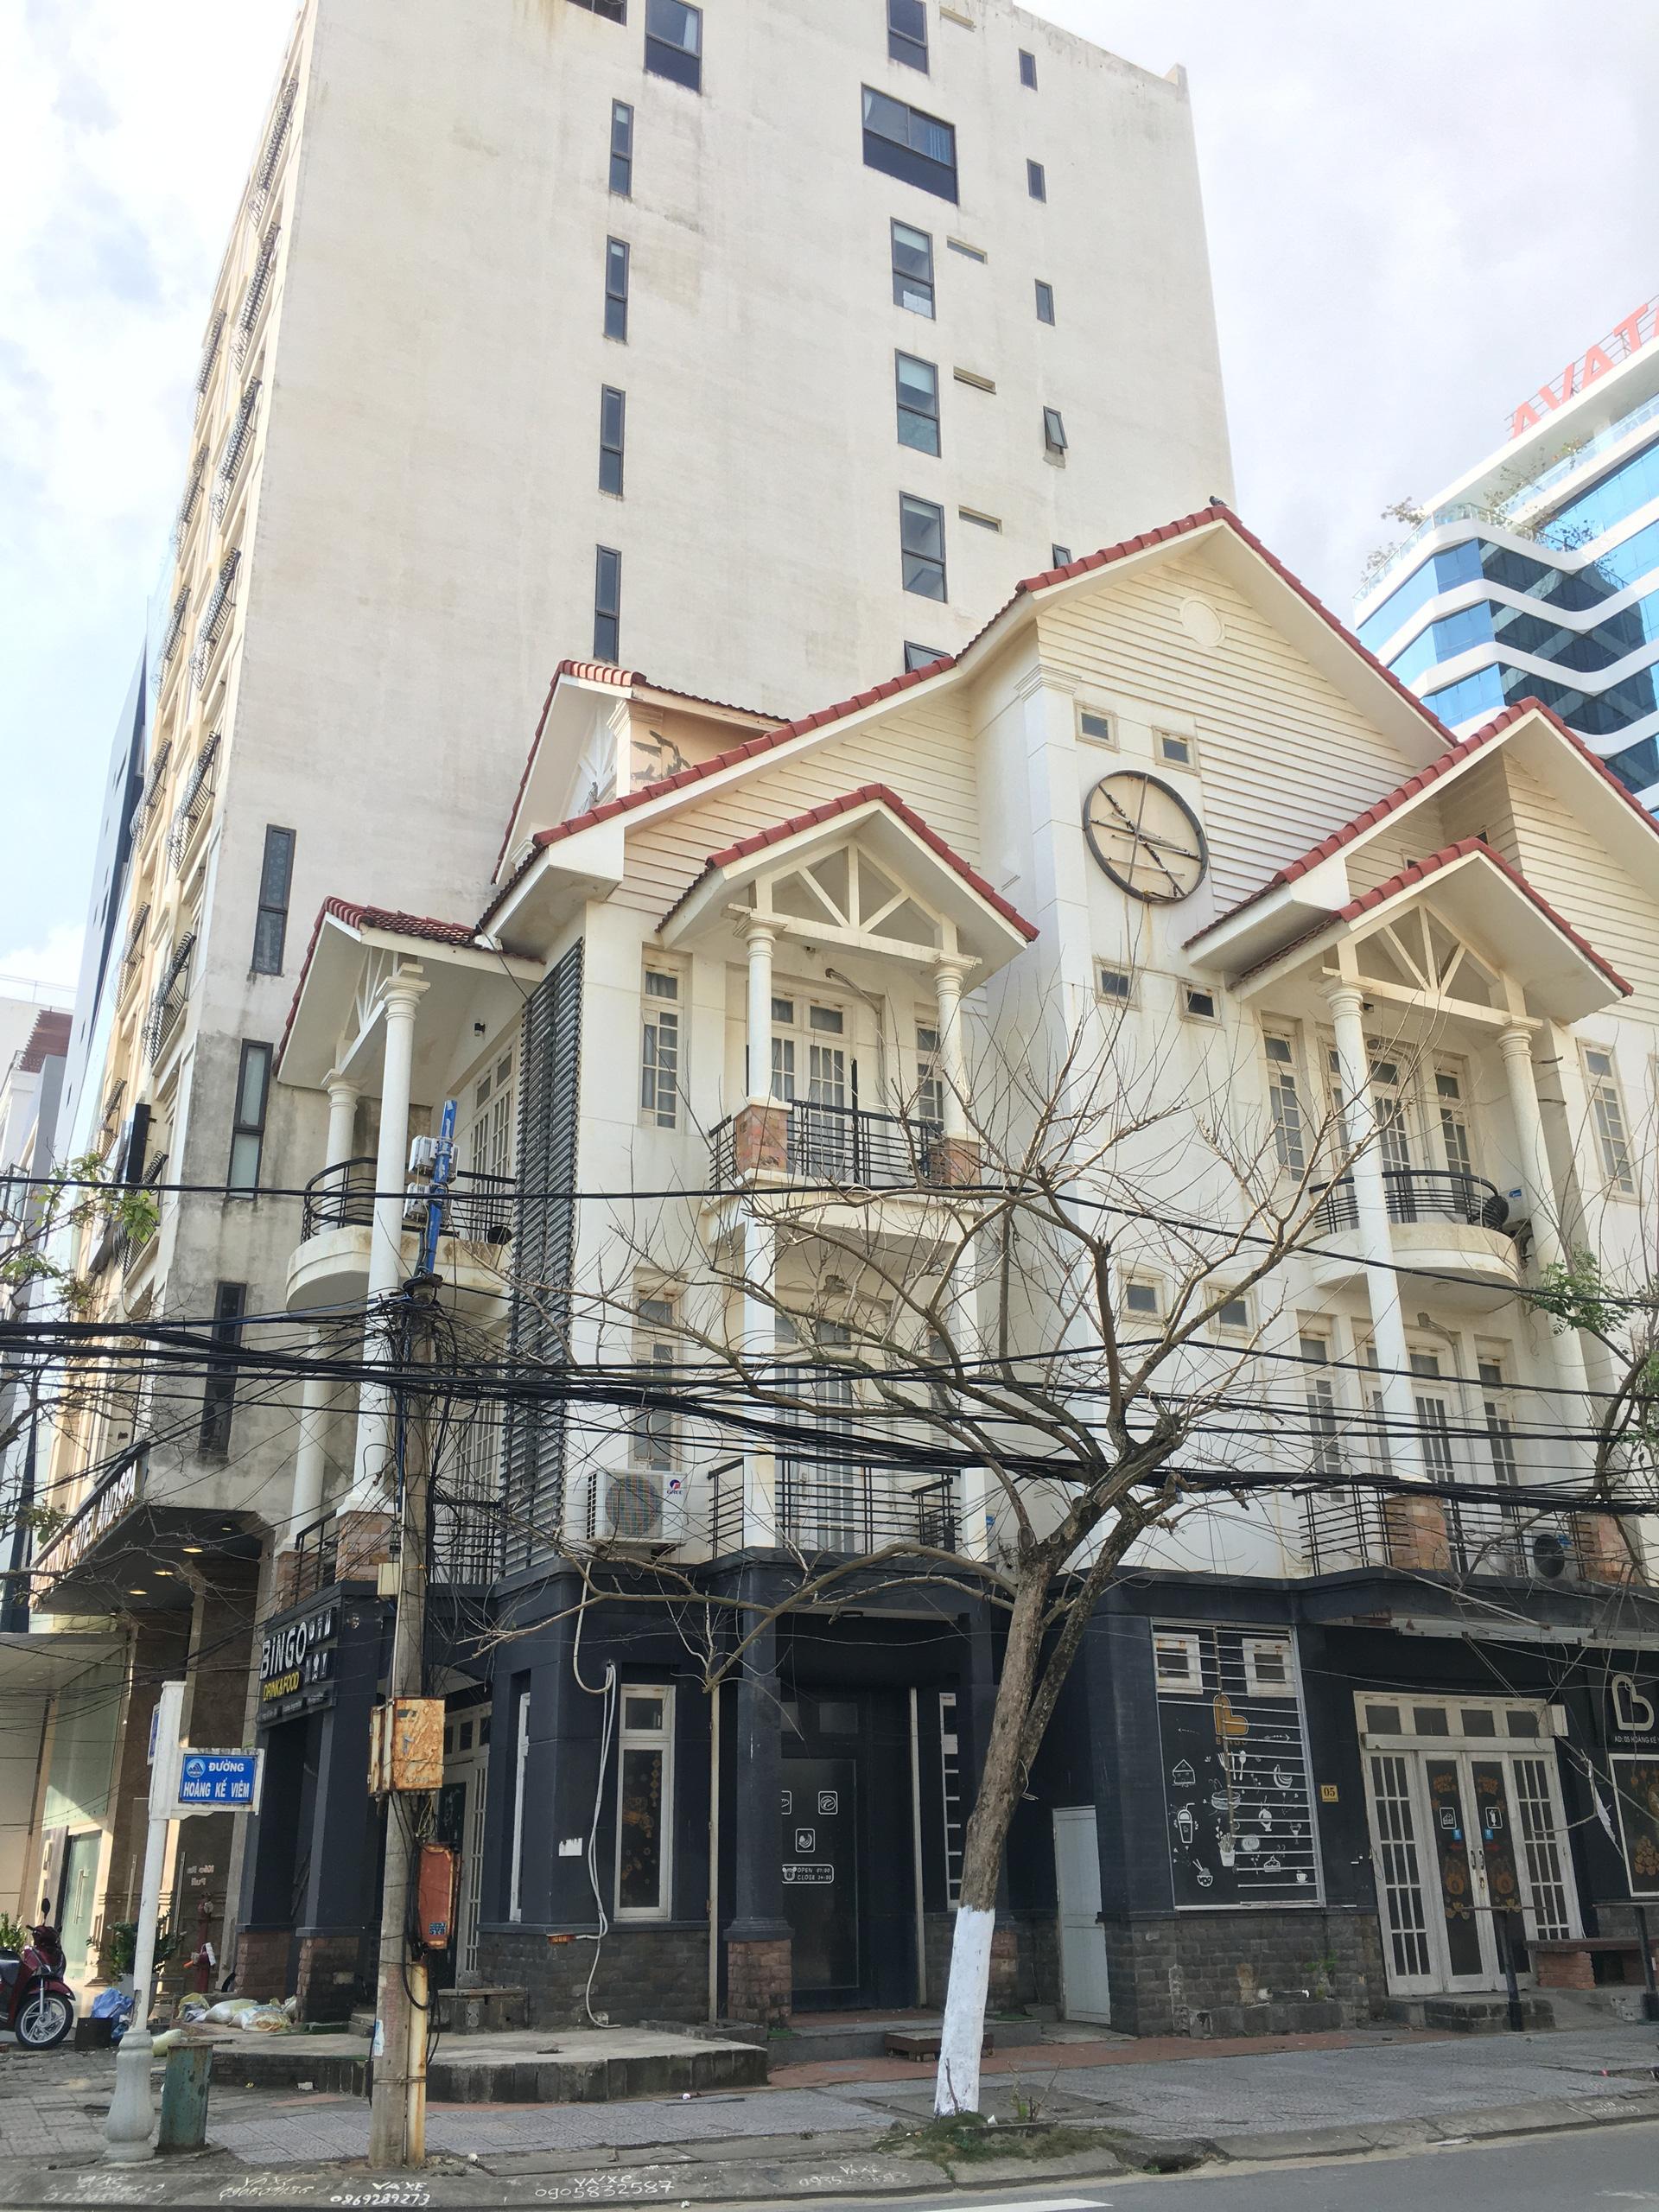 Rao bán nhà ồ ạt ở phố Tây Đà Nẵng, thấp nhất 110 triệu/m2 - Ảnh 9.